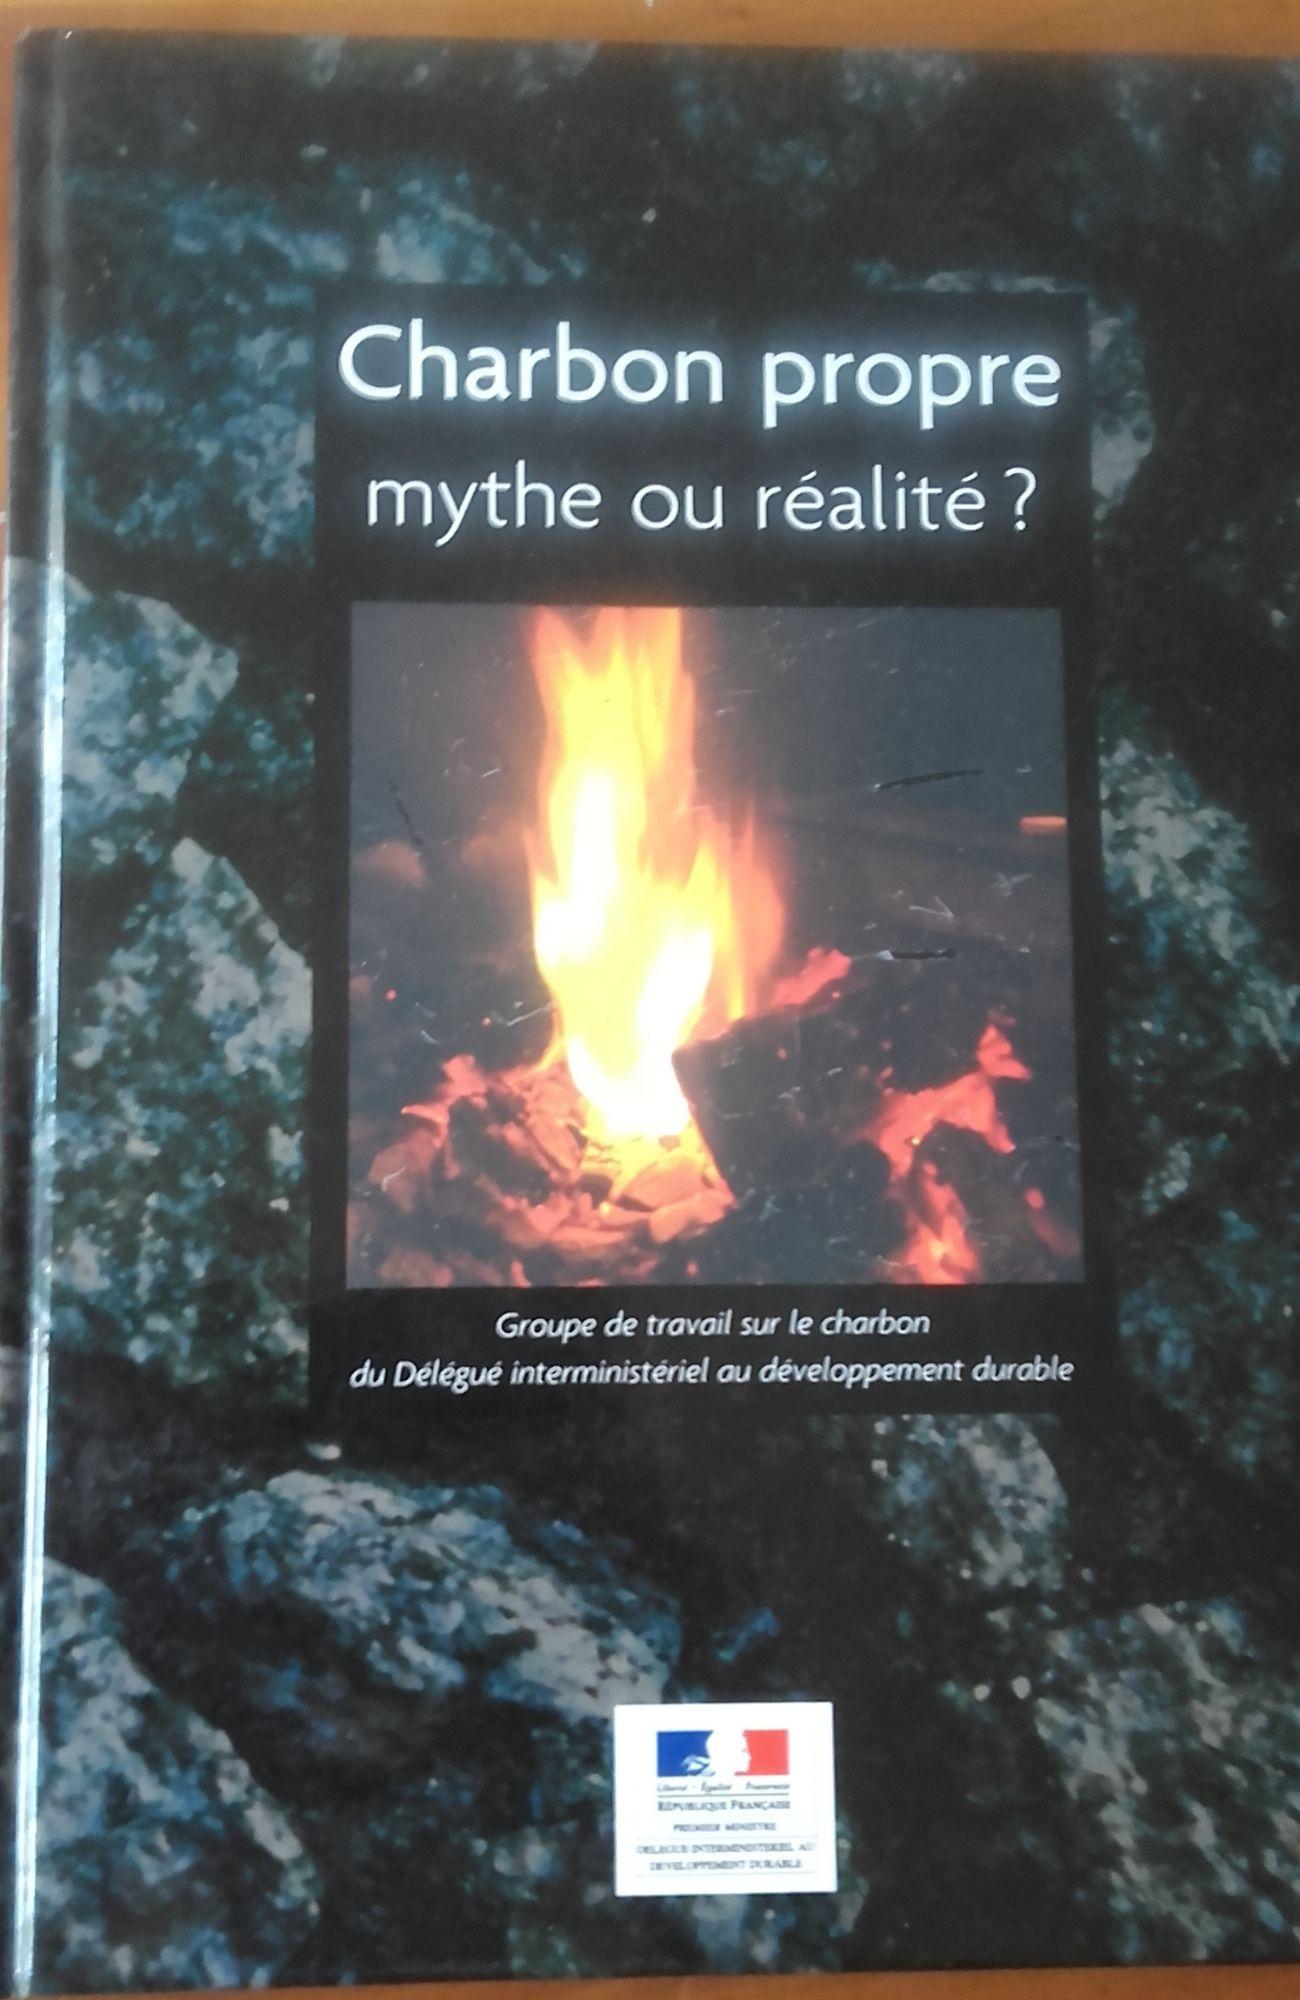 CHARBON PROPRE - MYTHE OU REALITE? RECONCILIER ENERGIE. CHANGEMENT CLIMATIQUE ET DEVELOPPEMENT DURAB